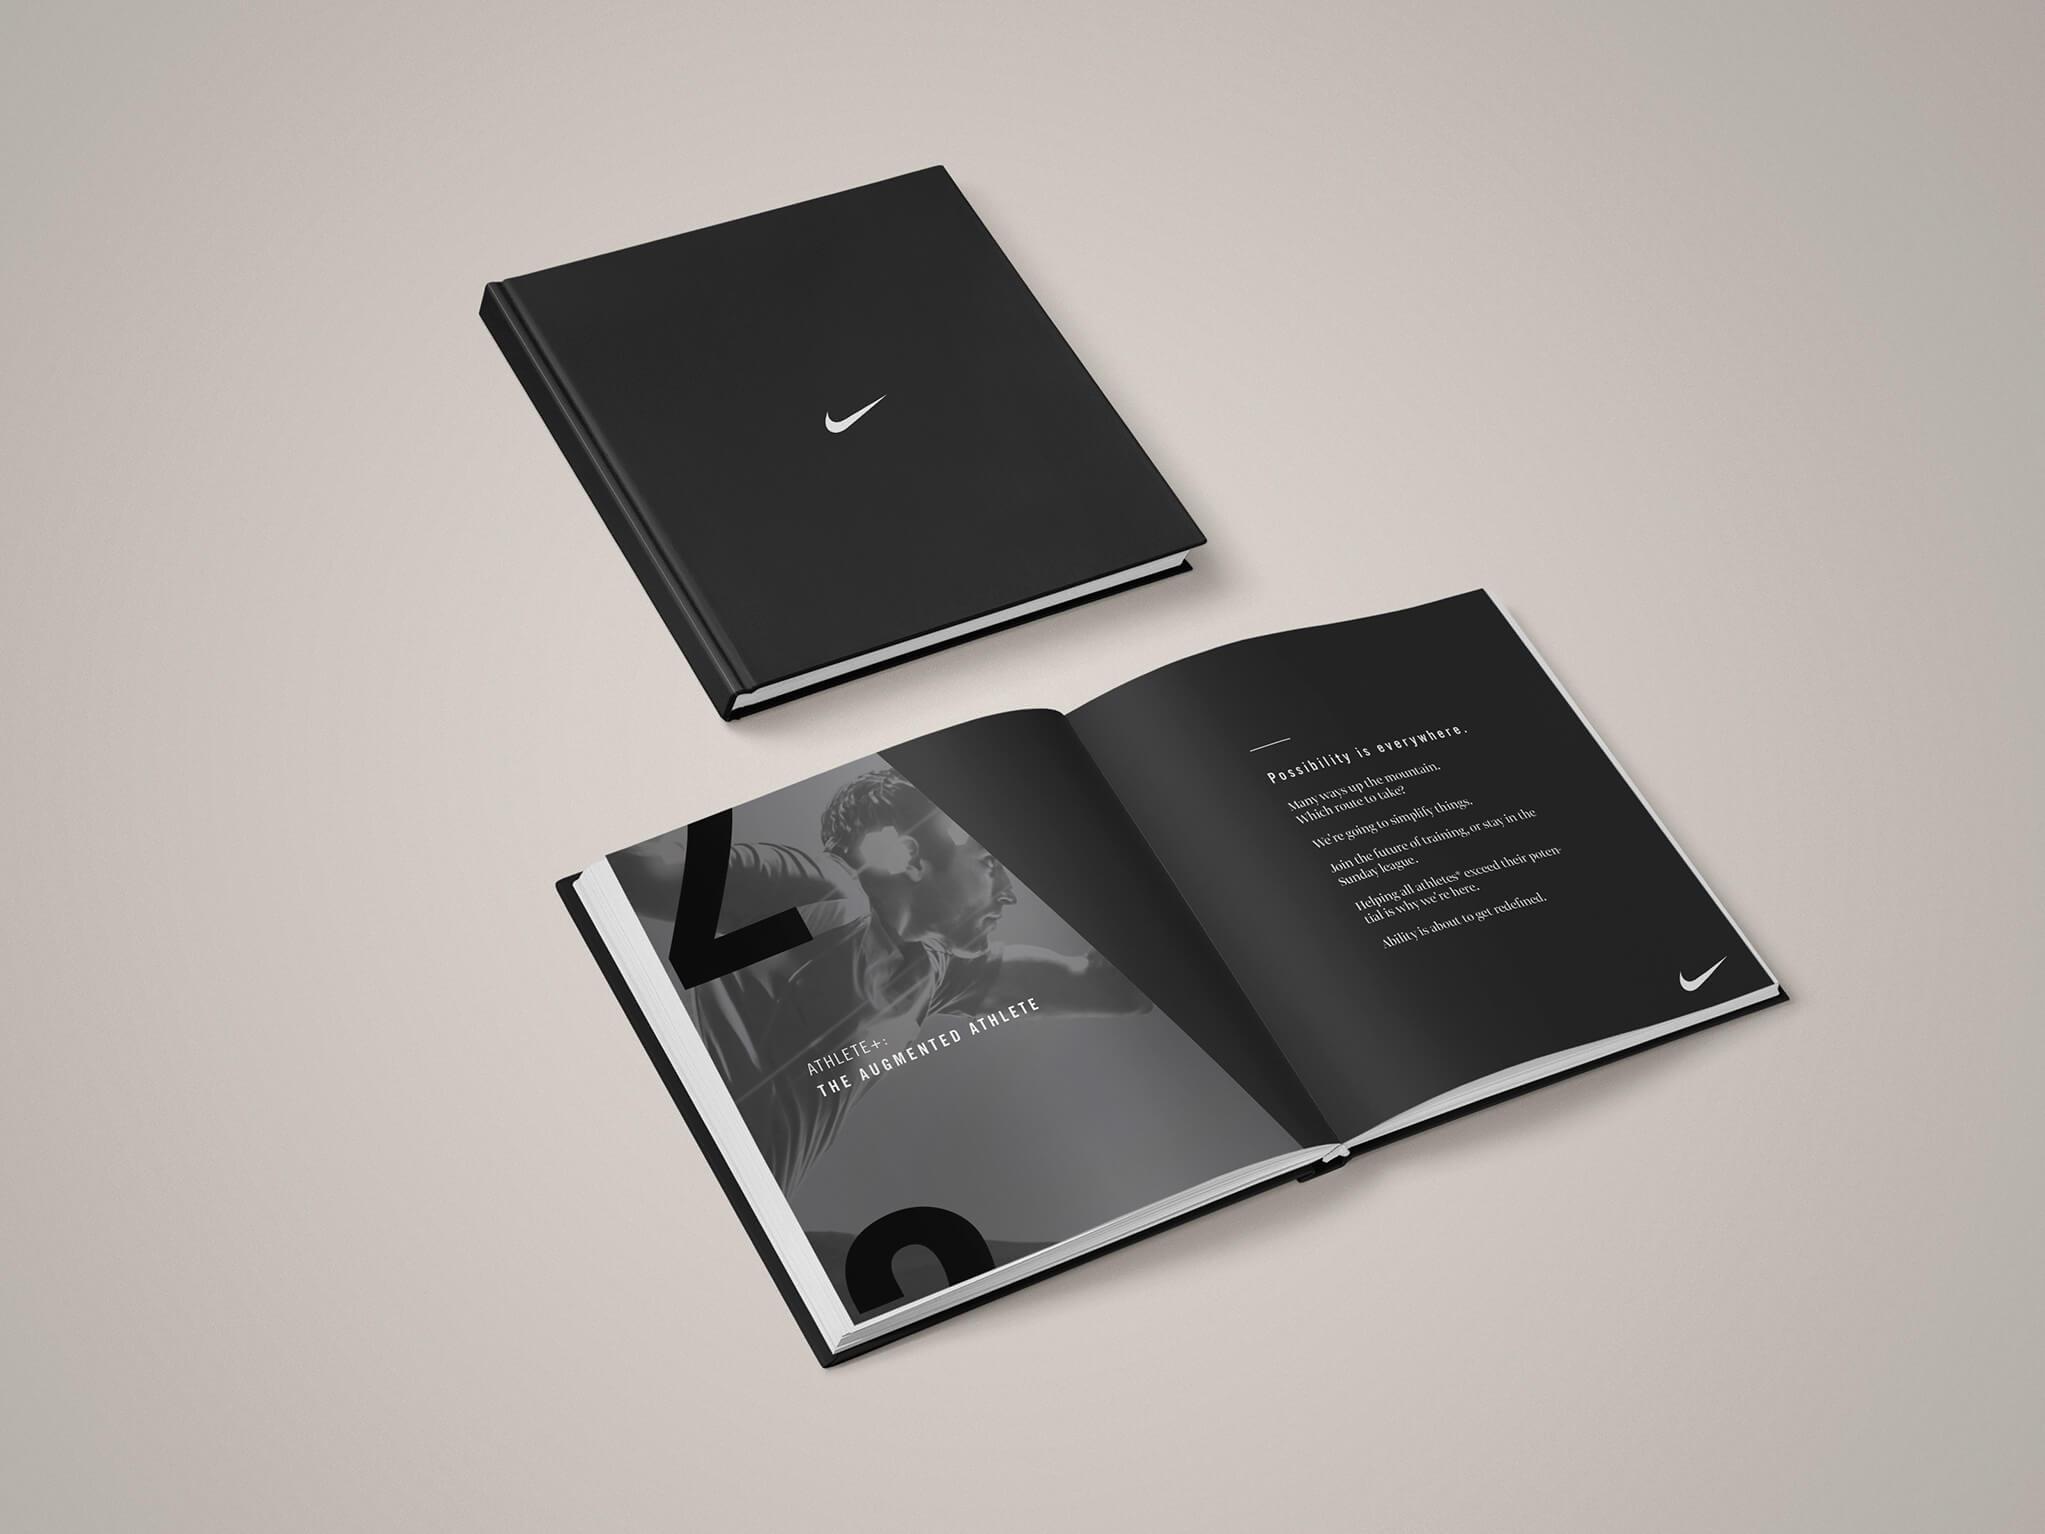 NIKE-BOOK20170507_012